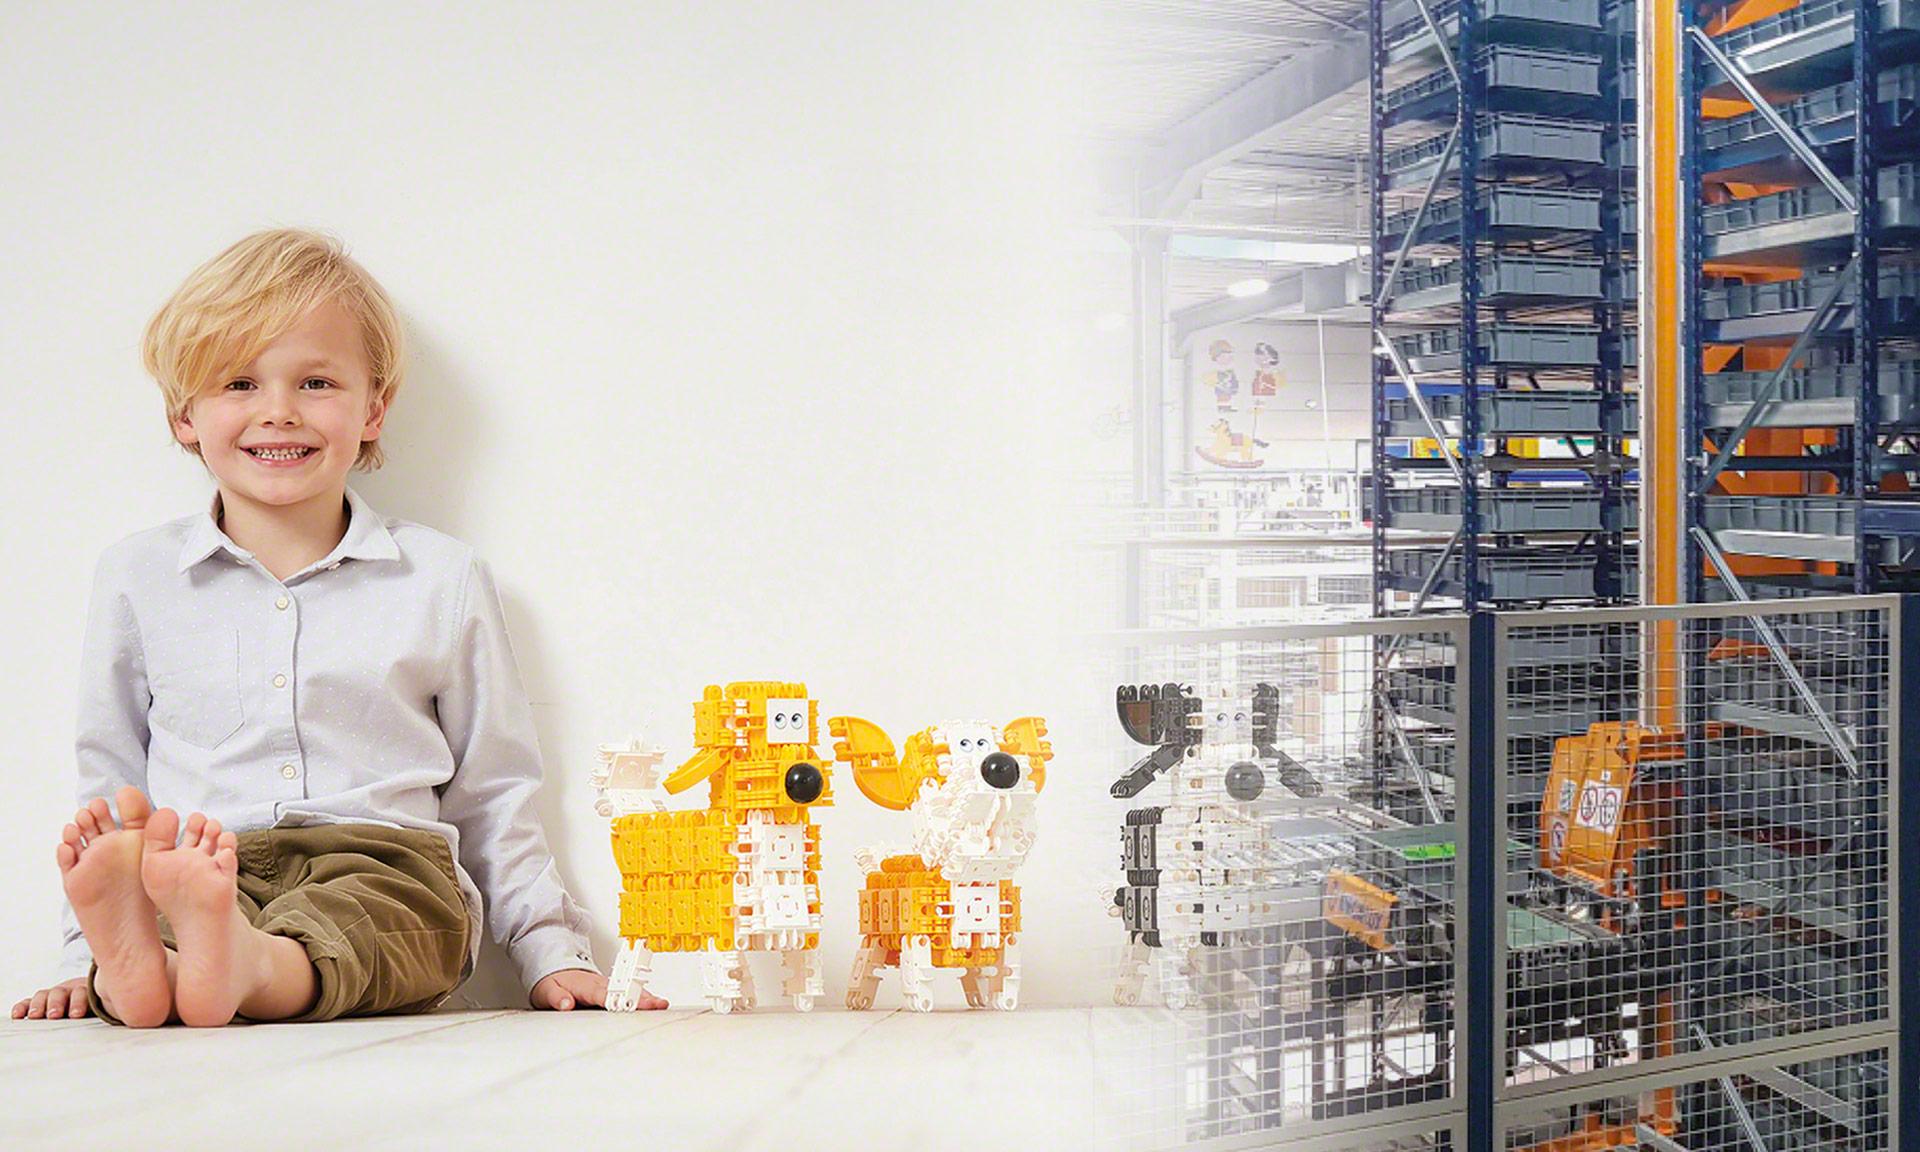 Click Toys: automatyczne składowanie 150 milionów części produkowanych rocznie